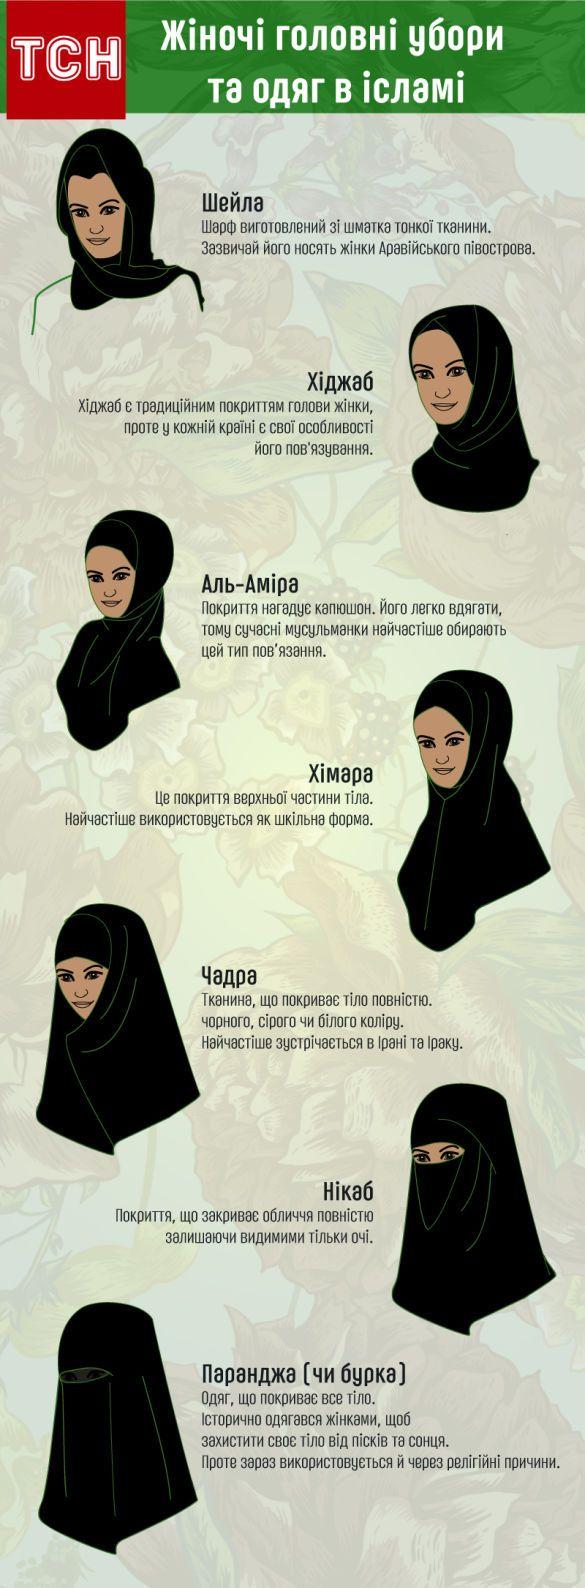 Чим відрізняються головні убори ісламських жінок. Інфографіка